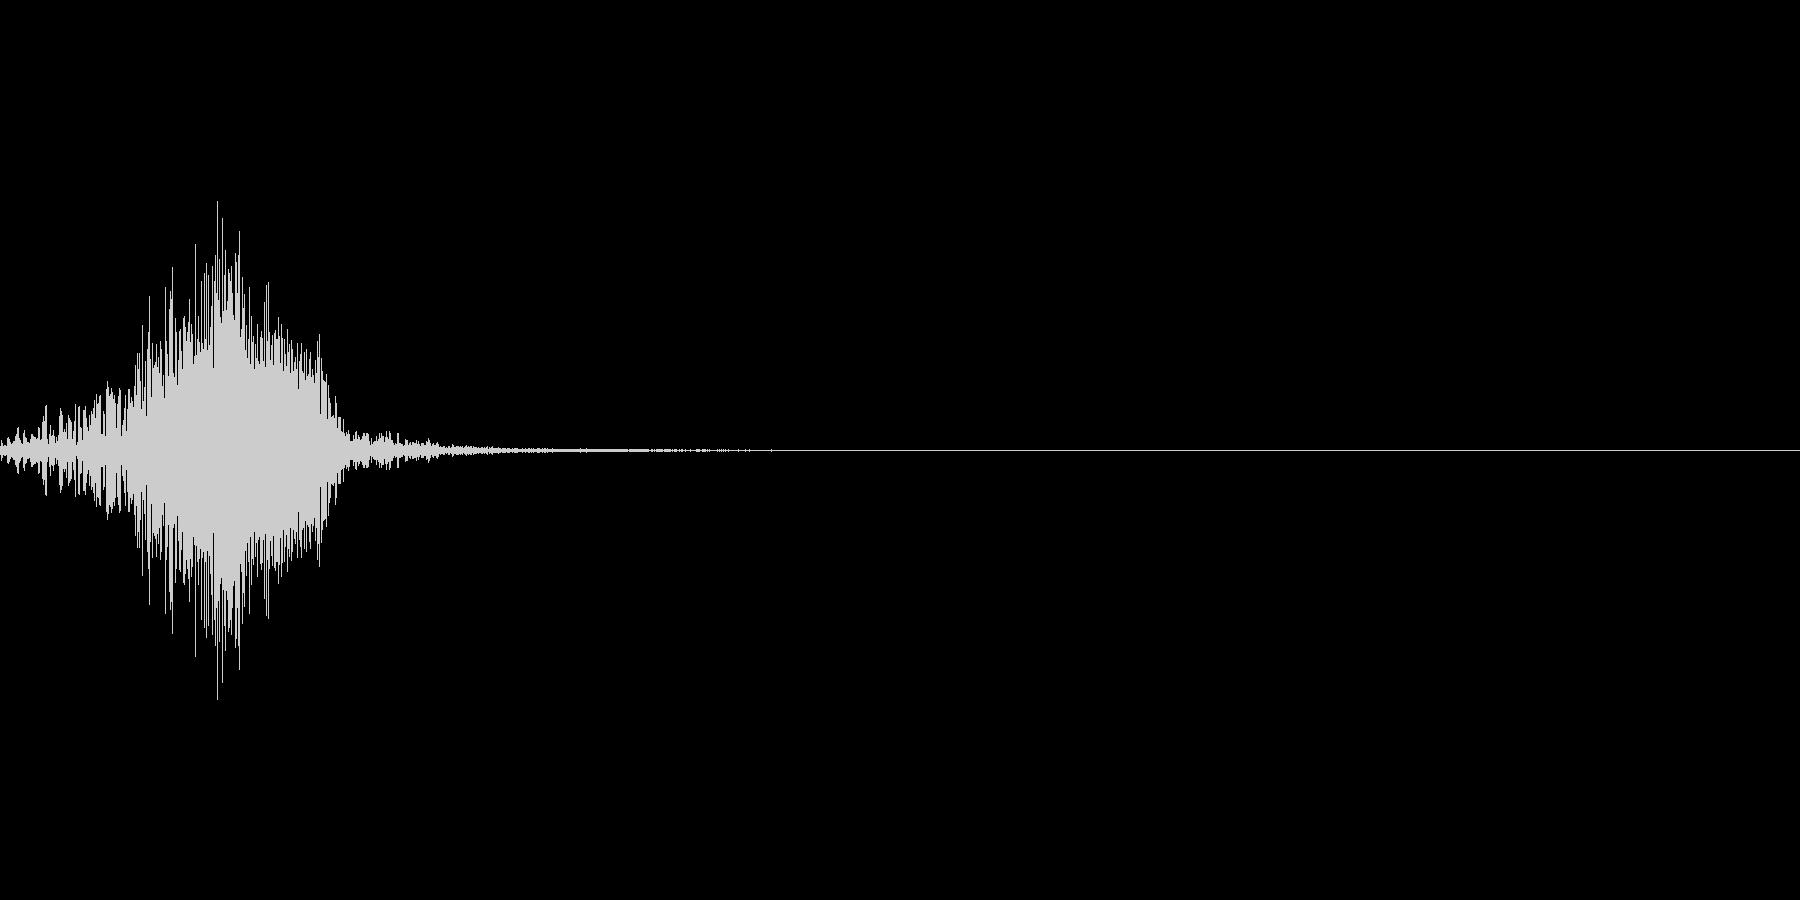 シューワ(ダイアログ閉じる_02)の未再生の波形